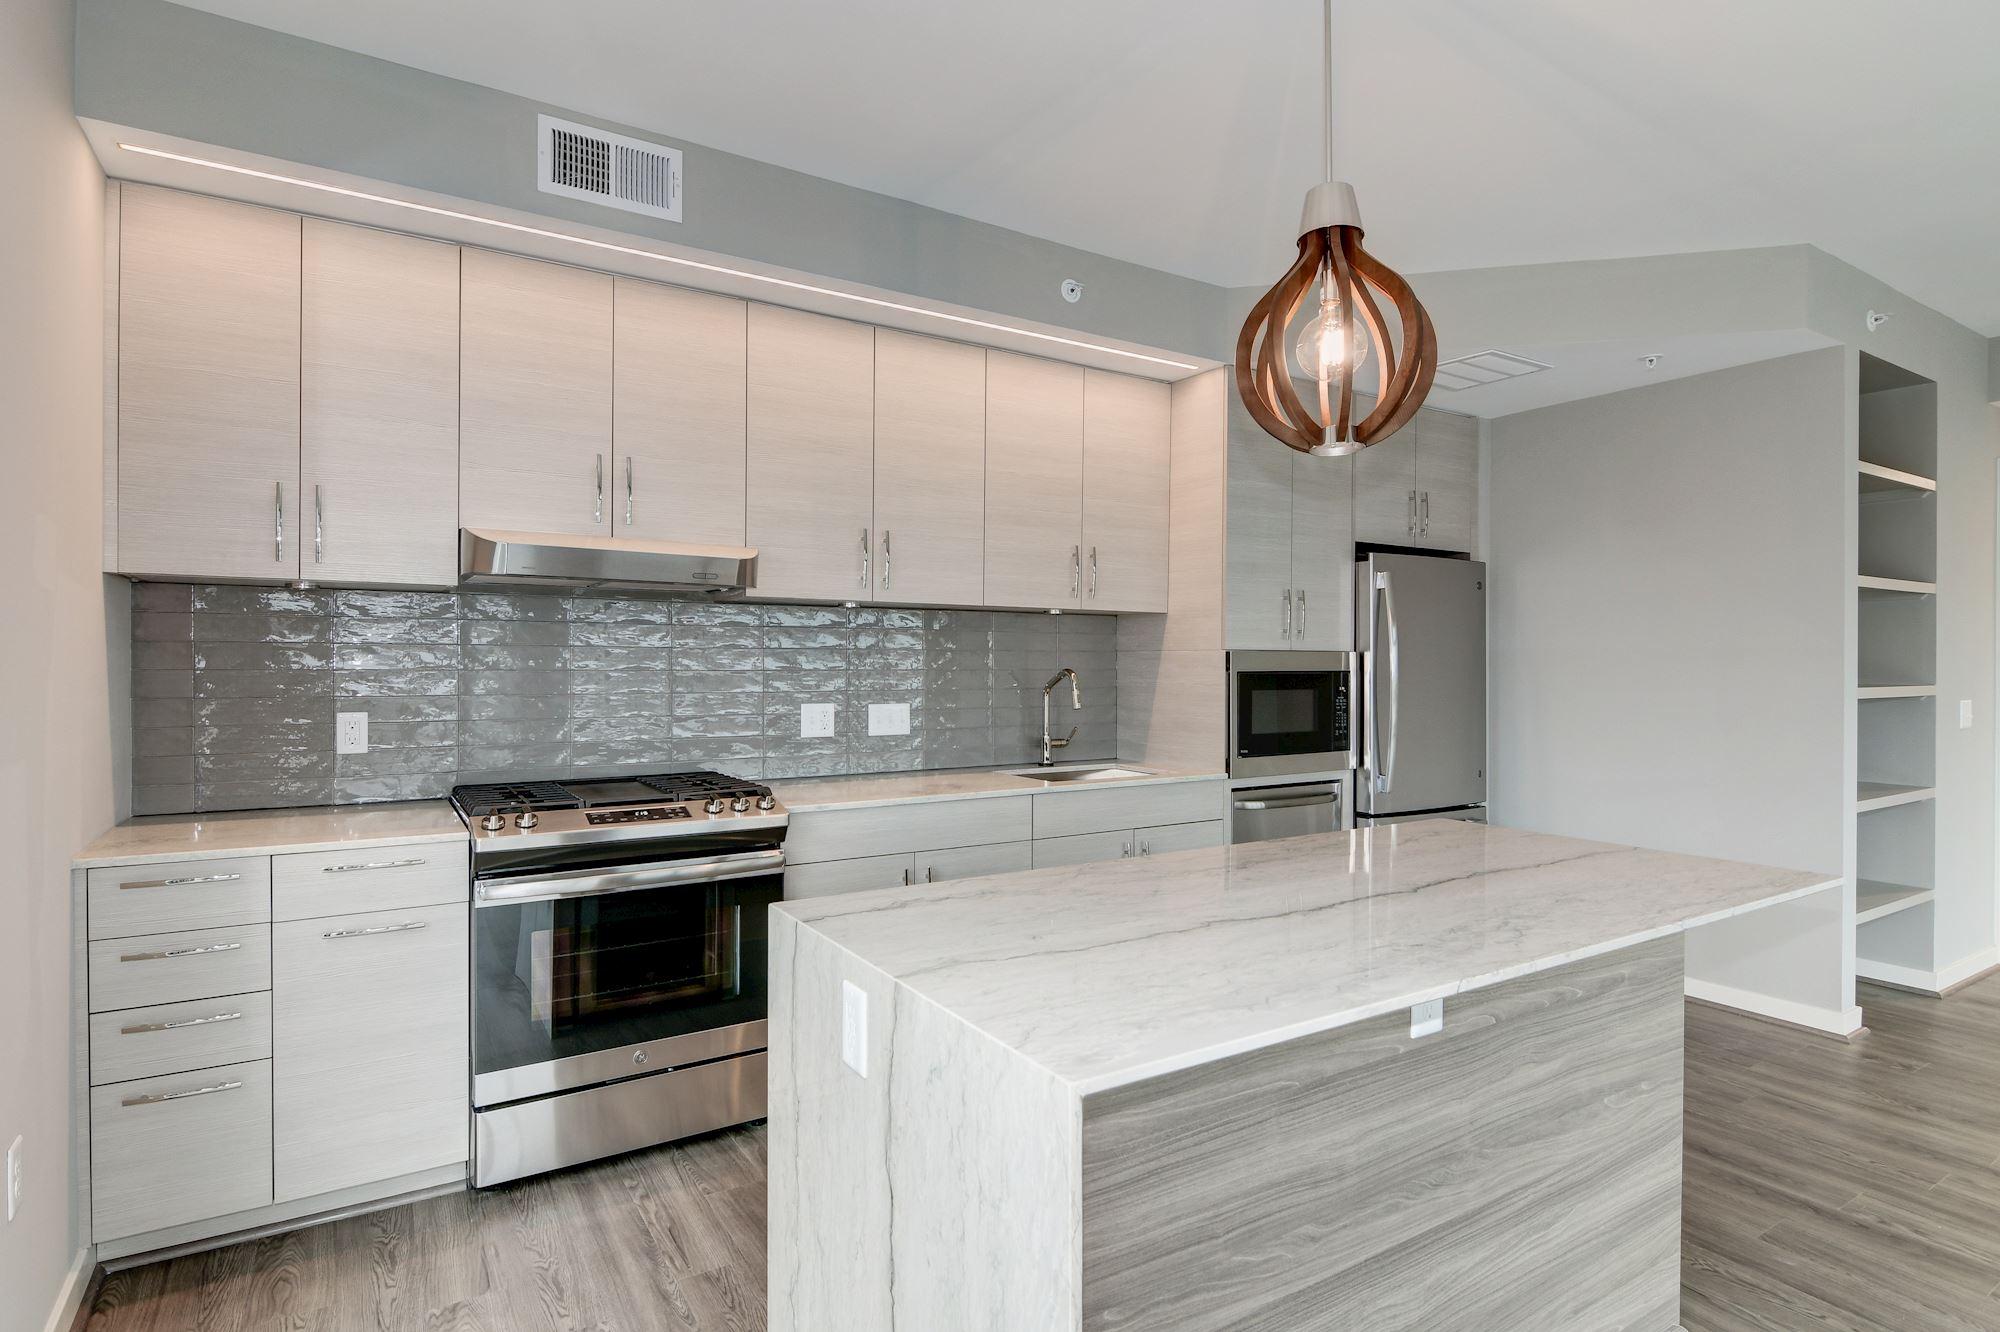 Kitchen with gas range, sink, fridge